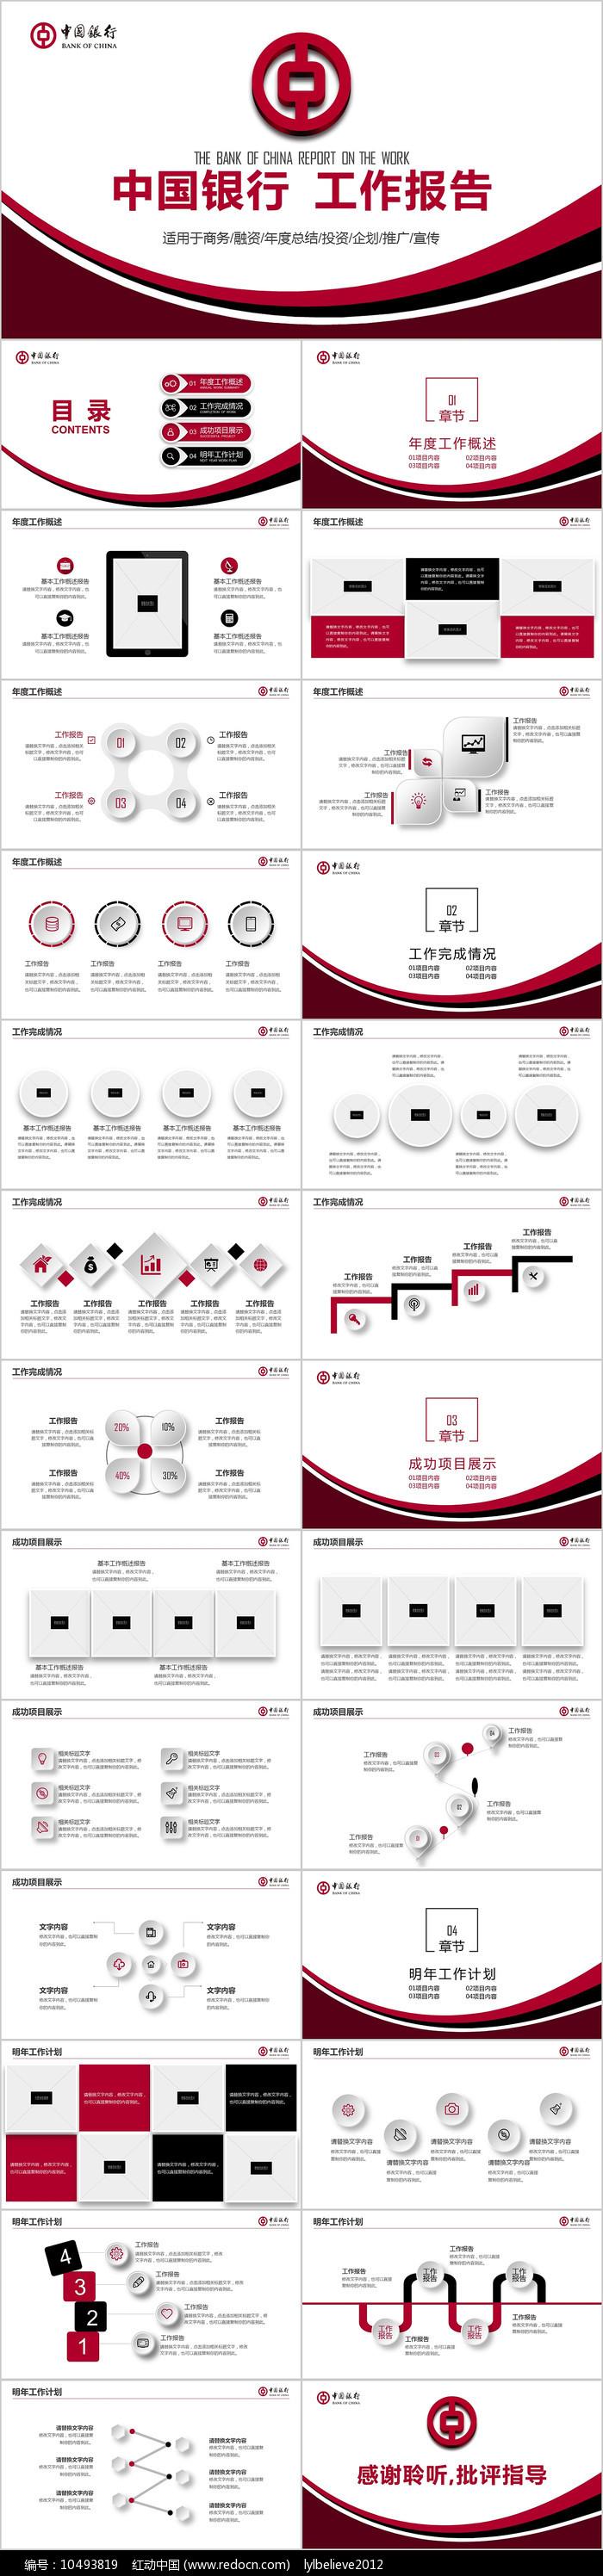 微立体中国银行年终总结新年计划PPT图片